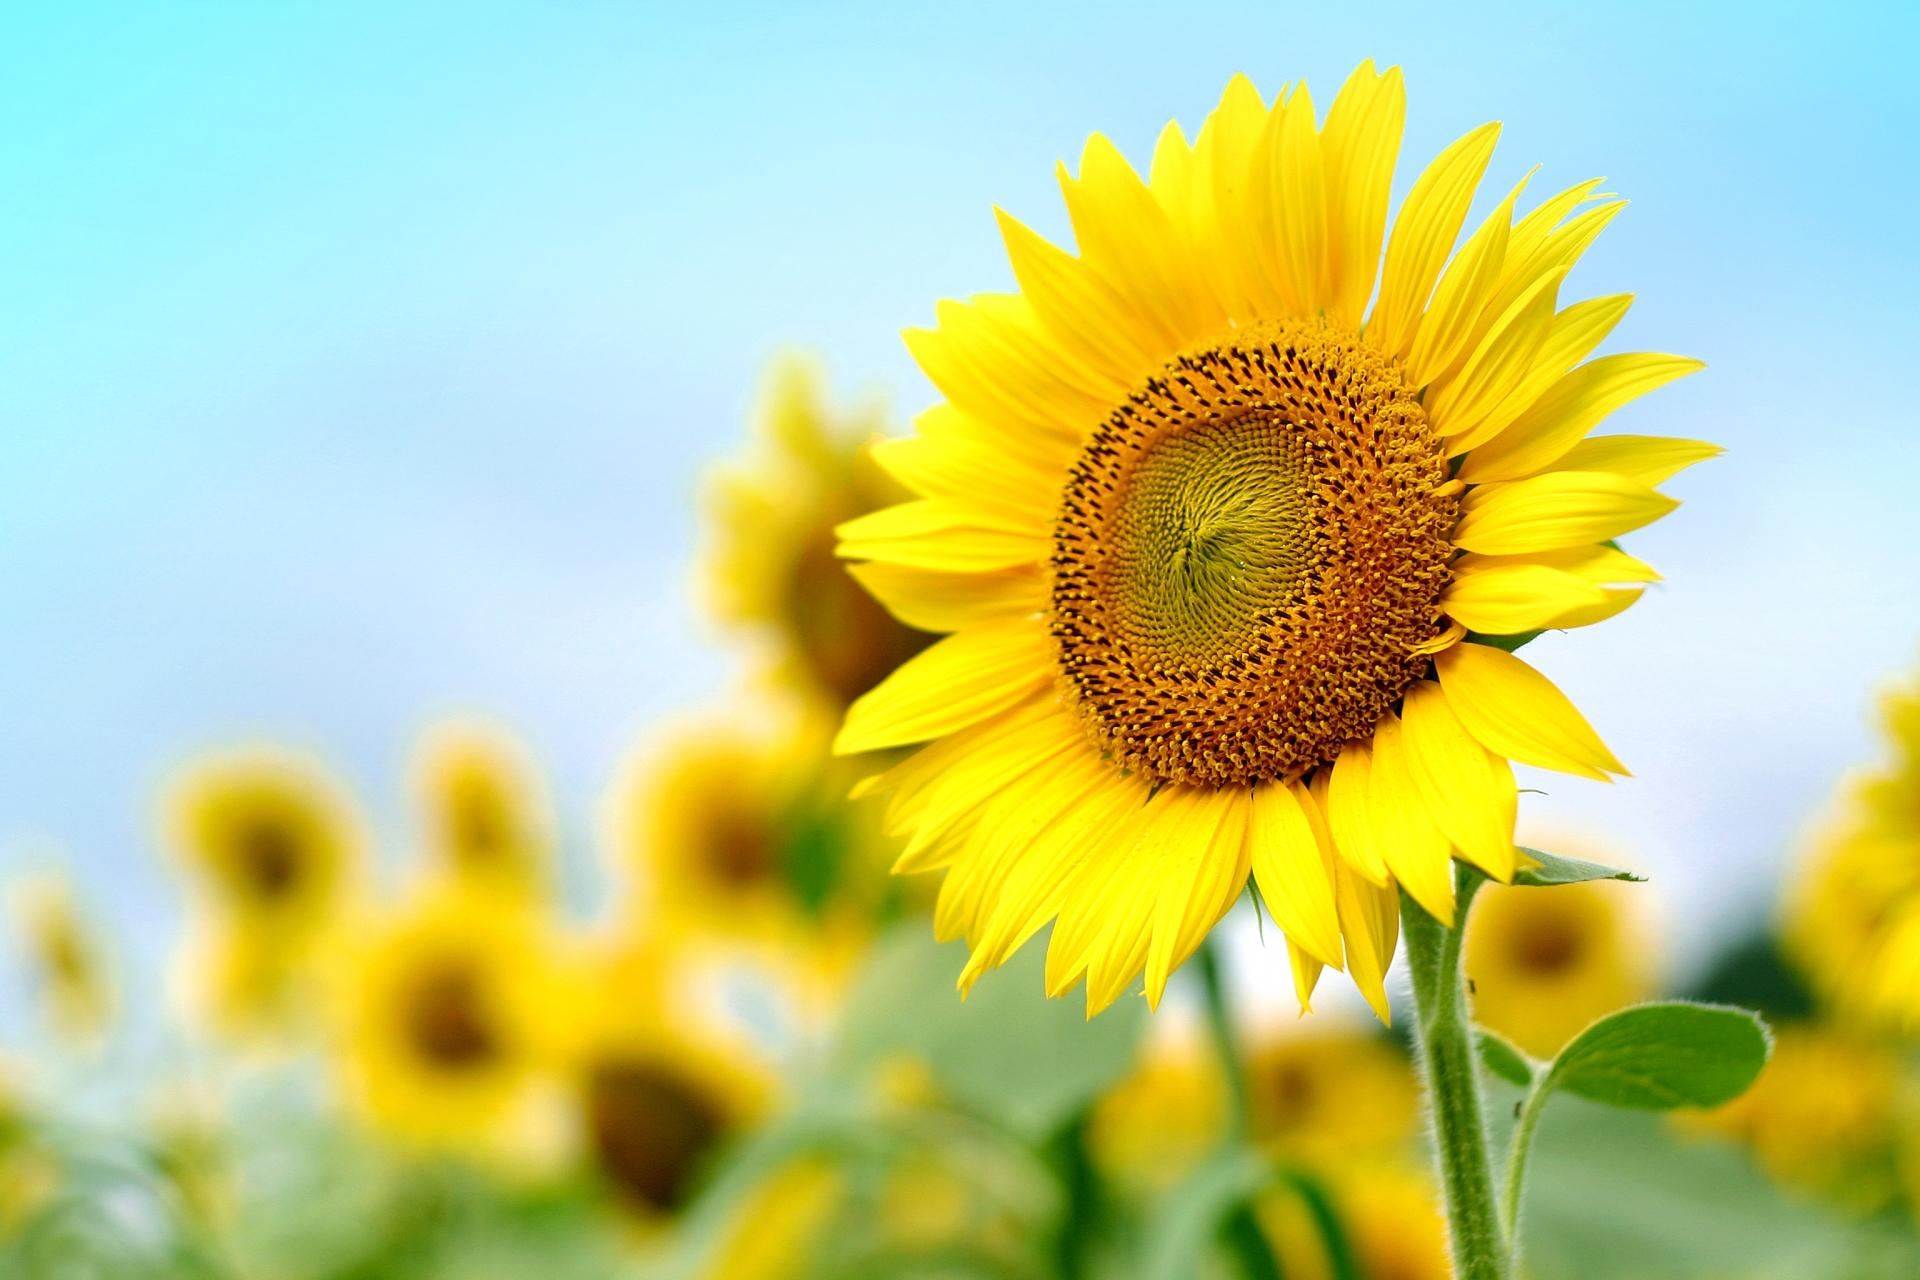 青空にのびるひまわりの花